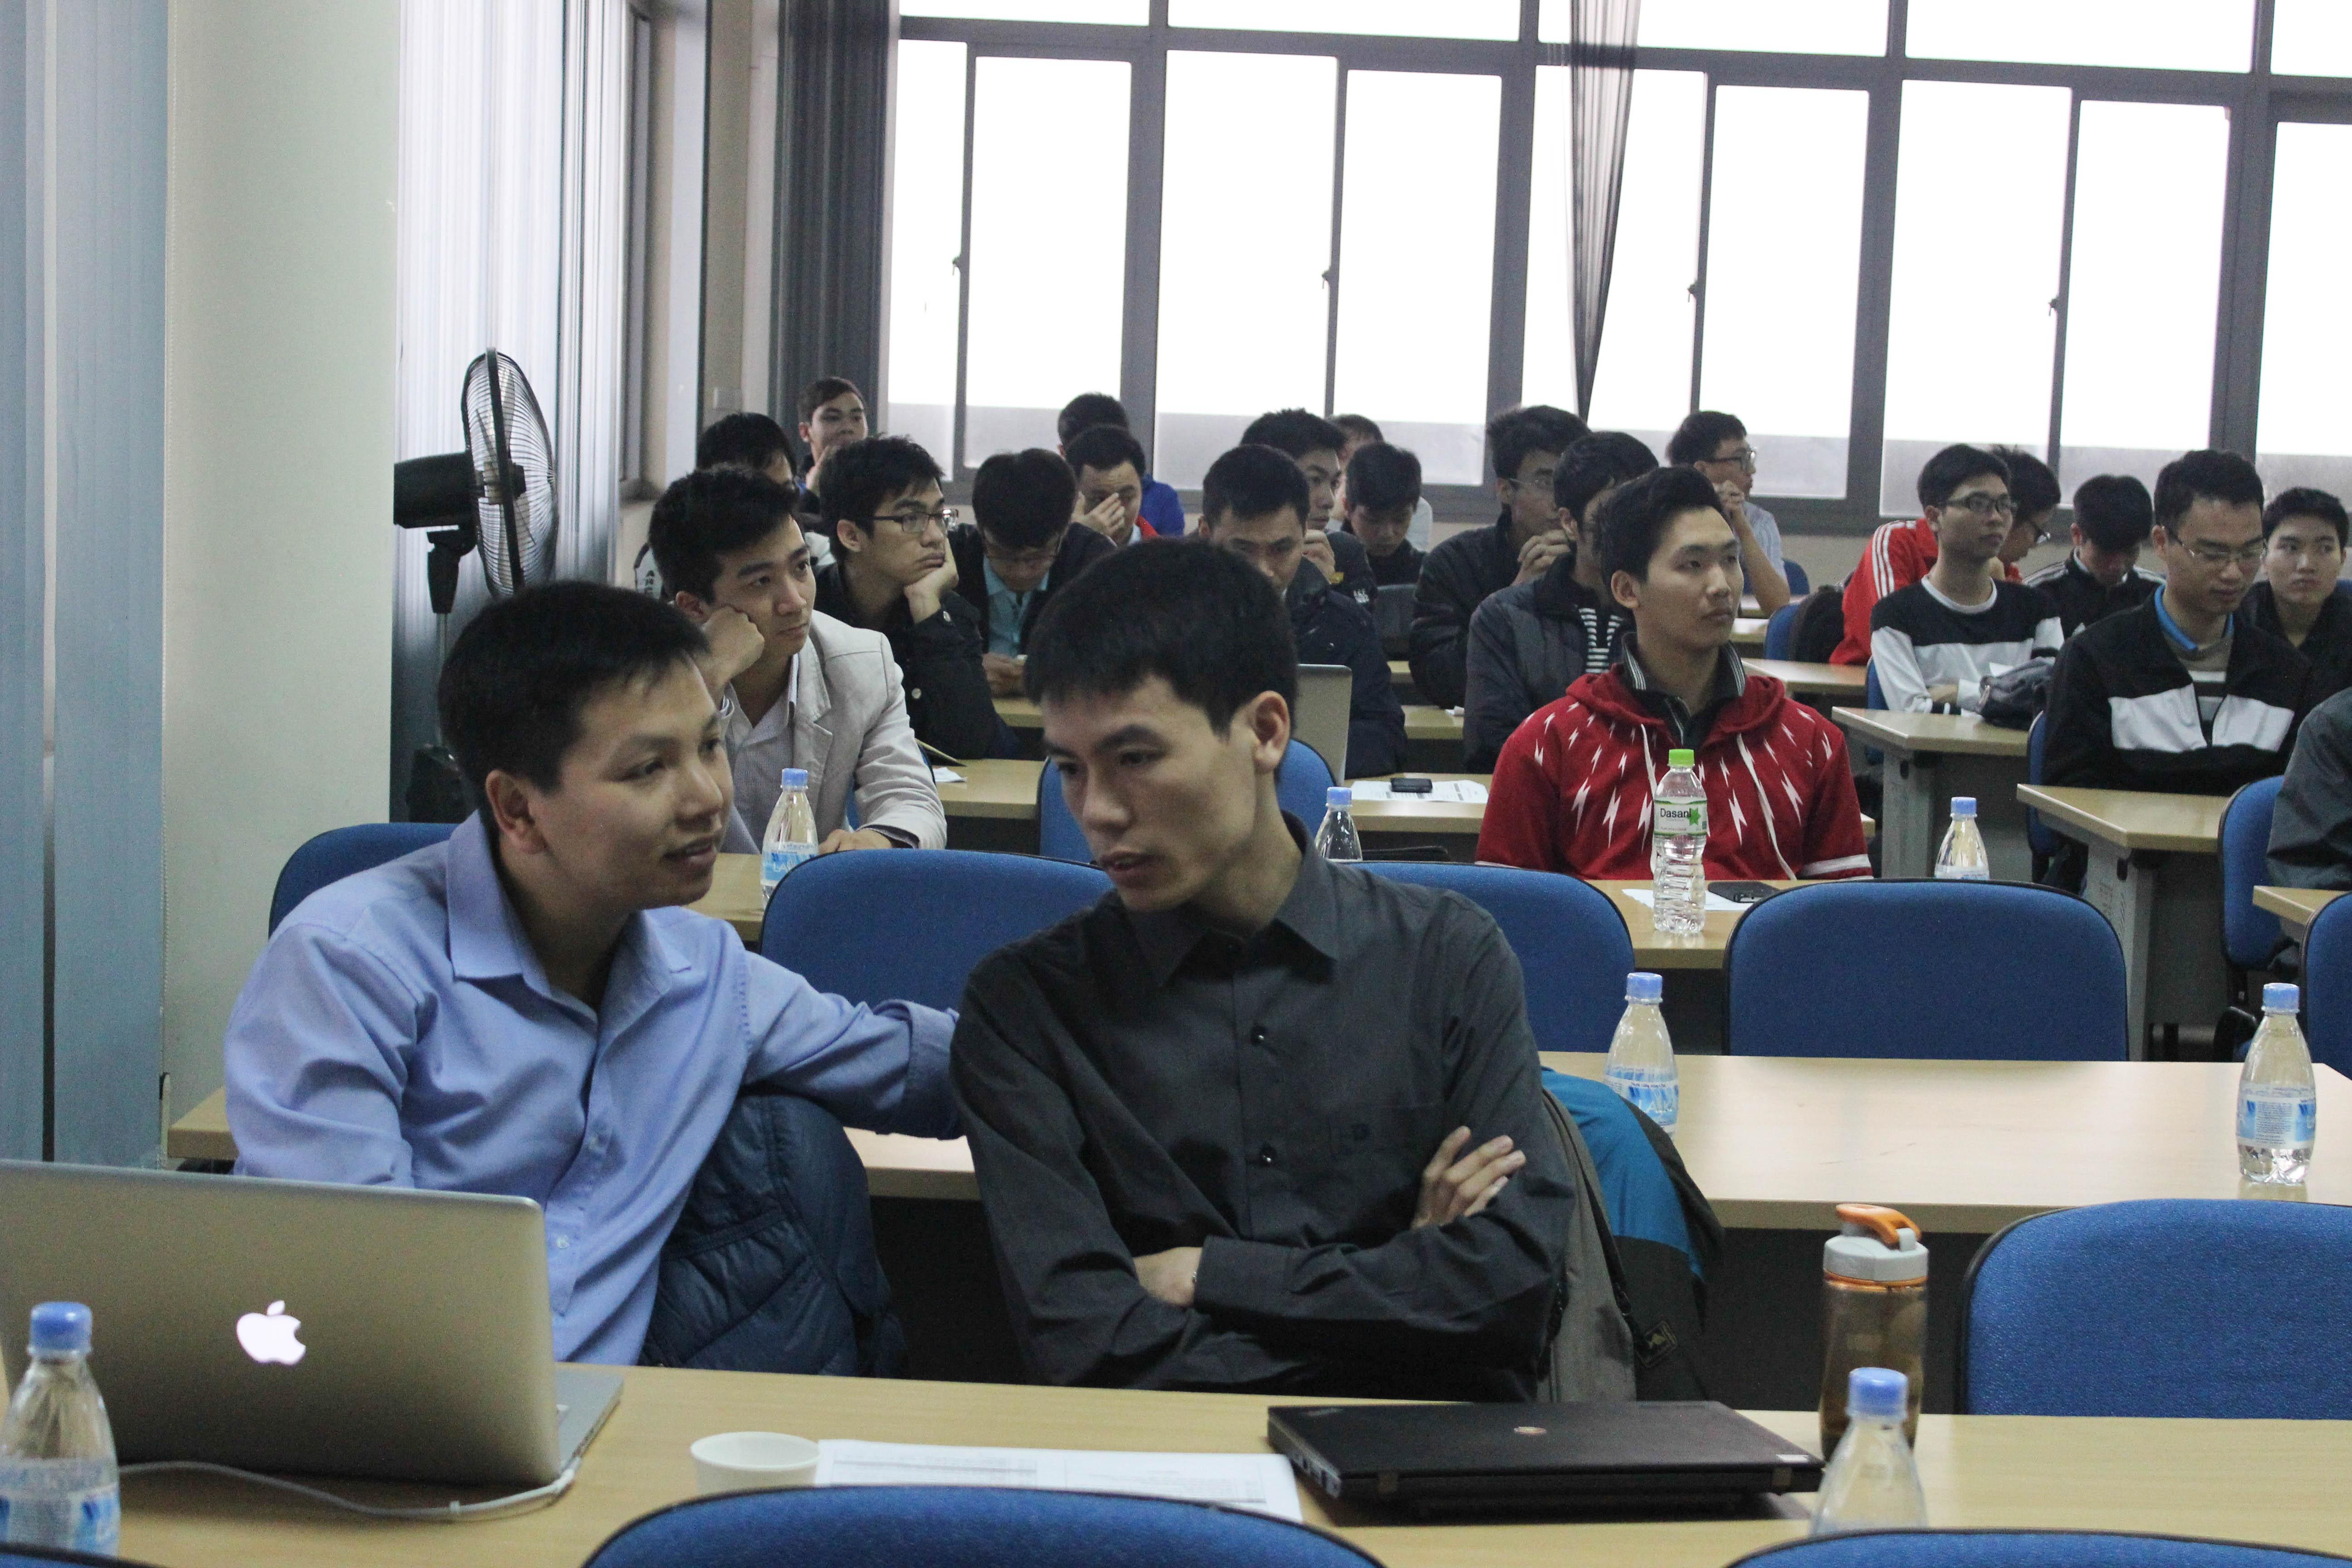 In a talk